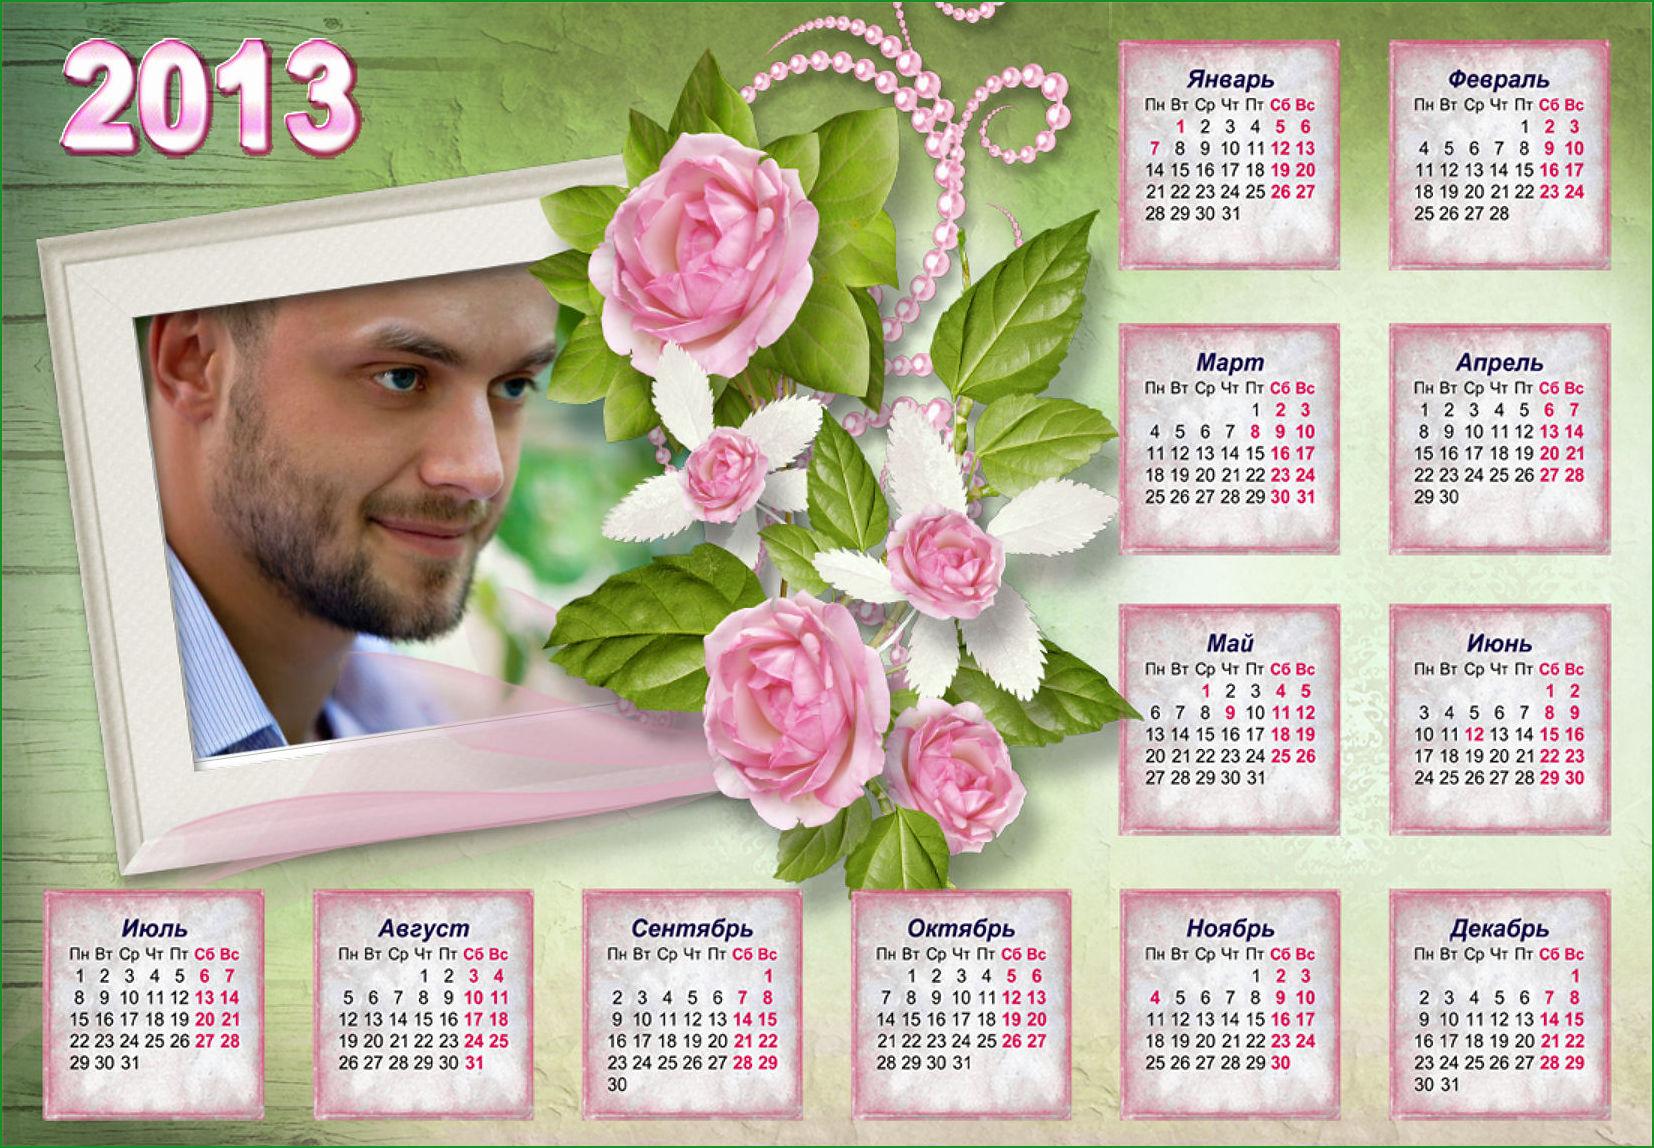 Календарь на 2013 год - Прелестные розы для мамы. видеомонтаж. правила публикаций. соглашение. моделирование. главная...